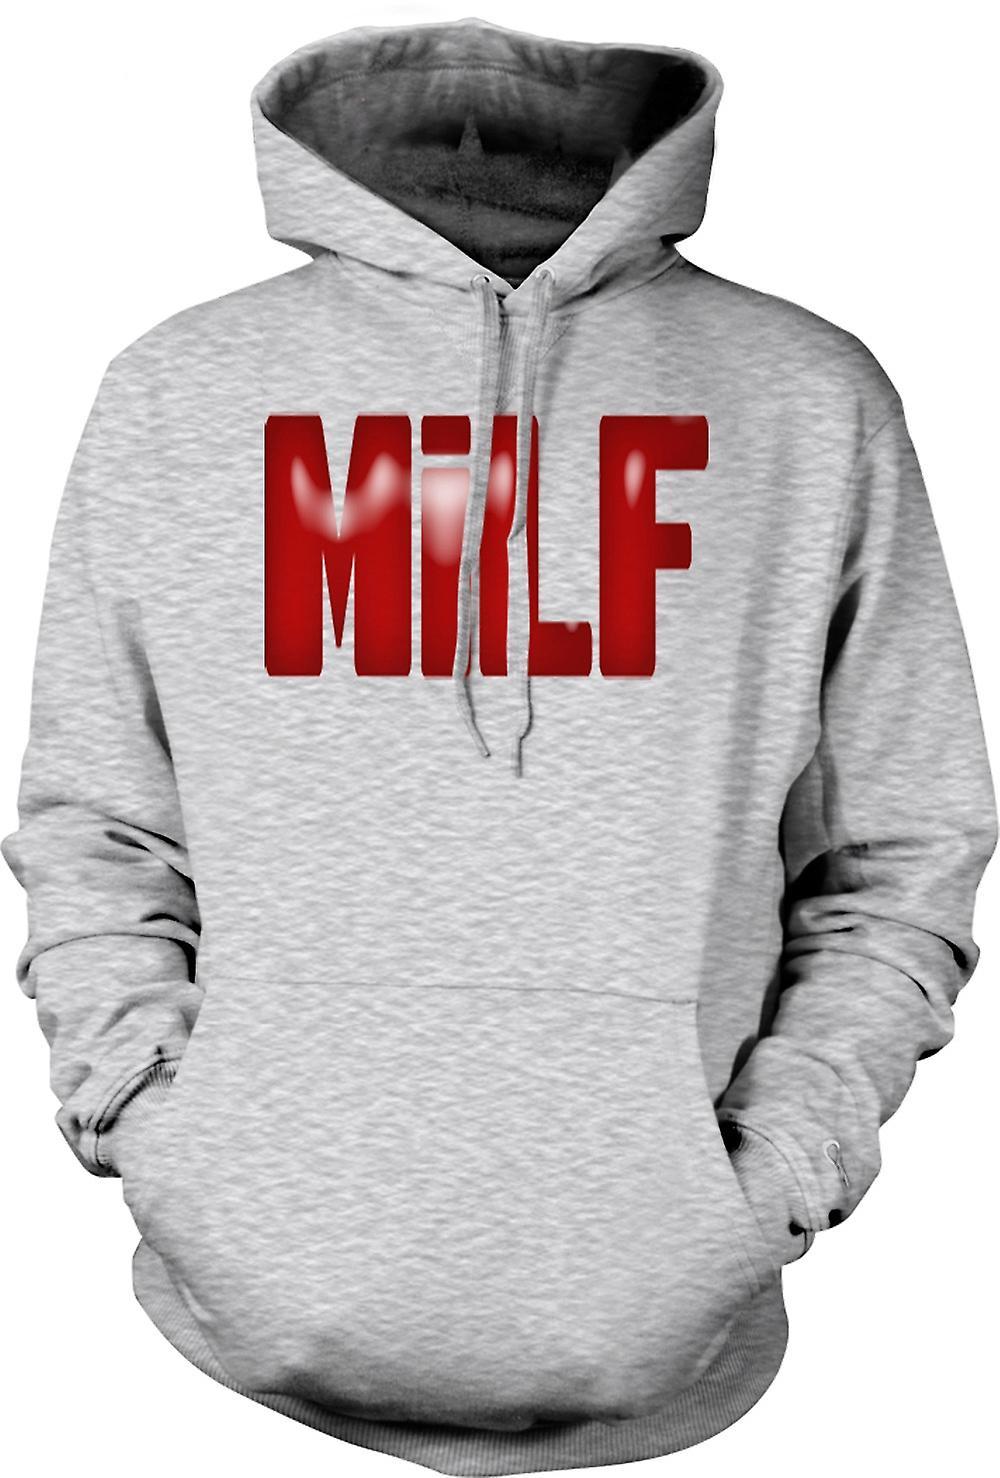 Mens Hoodie - MILF - Funny - Yummy Mummy